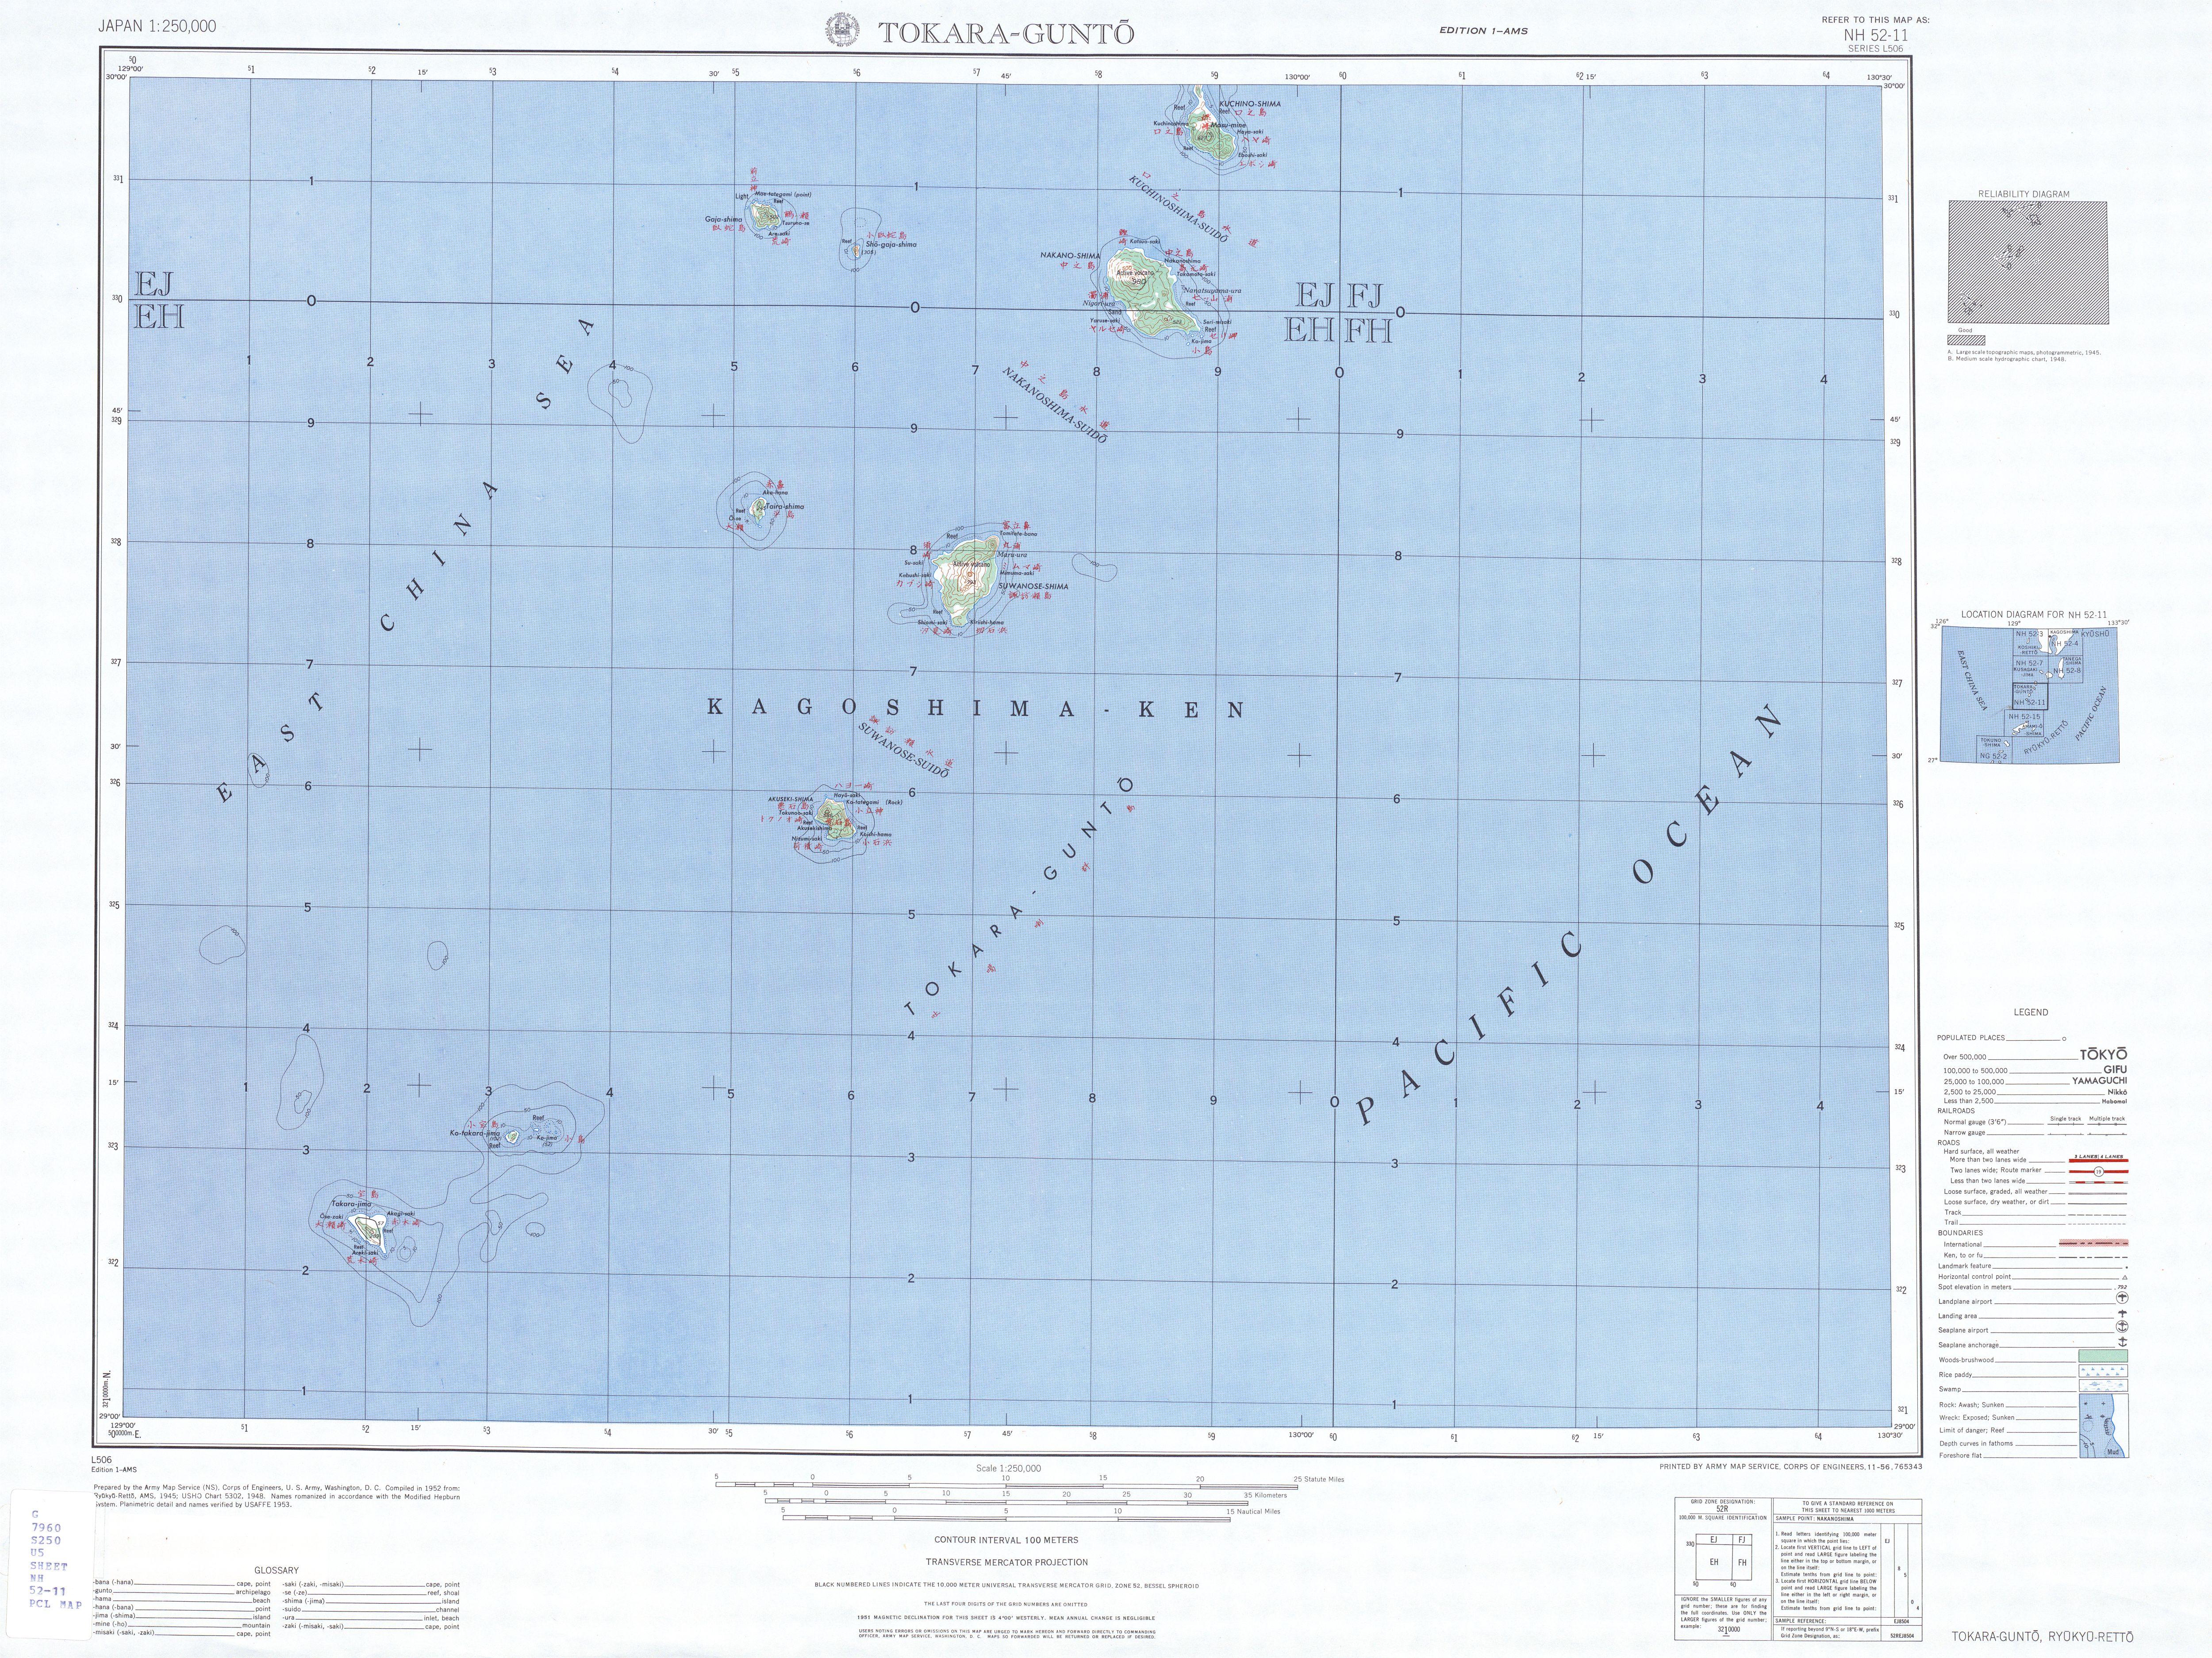 Hoja Tokara-Gunto del Mapa Topográfico de Japón 1954